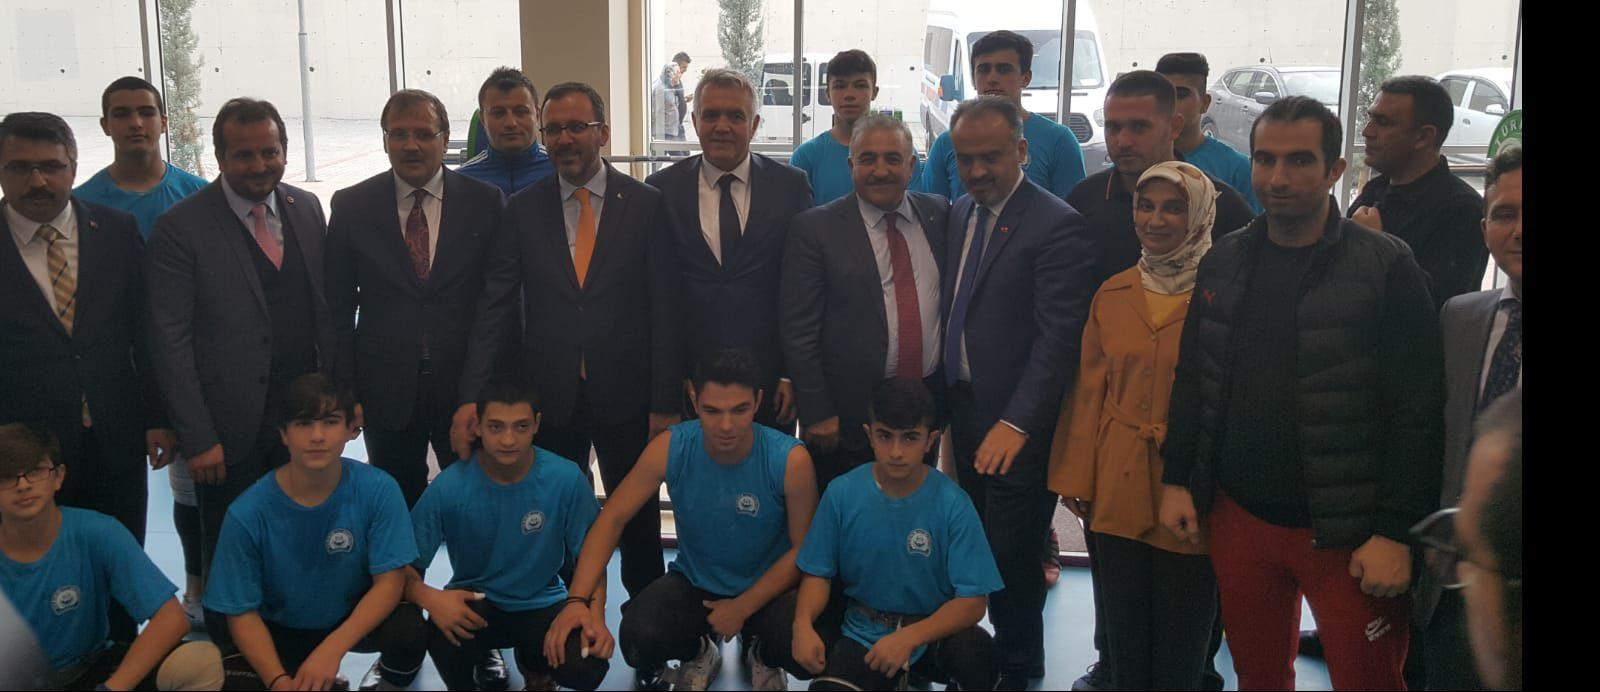 Gençlik ve Spor Bakanı Mehmet Muharrem Kasapoğlu, Bursa'da Naim Süleymanoğlu Spor Kompleksi'nin açılışını yaptı